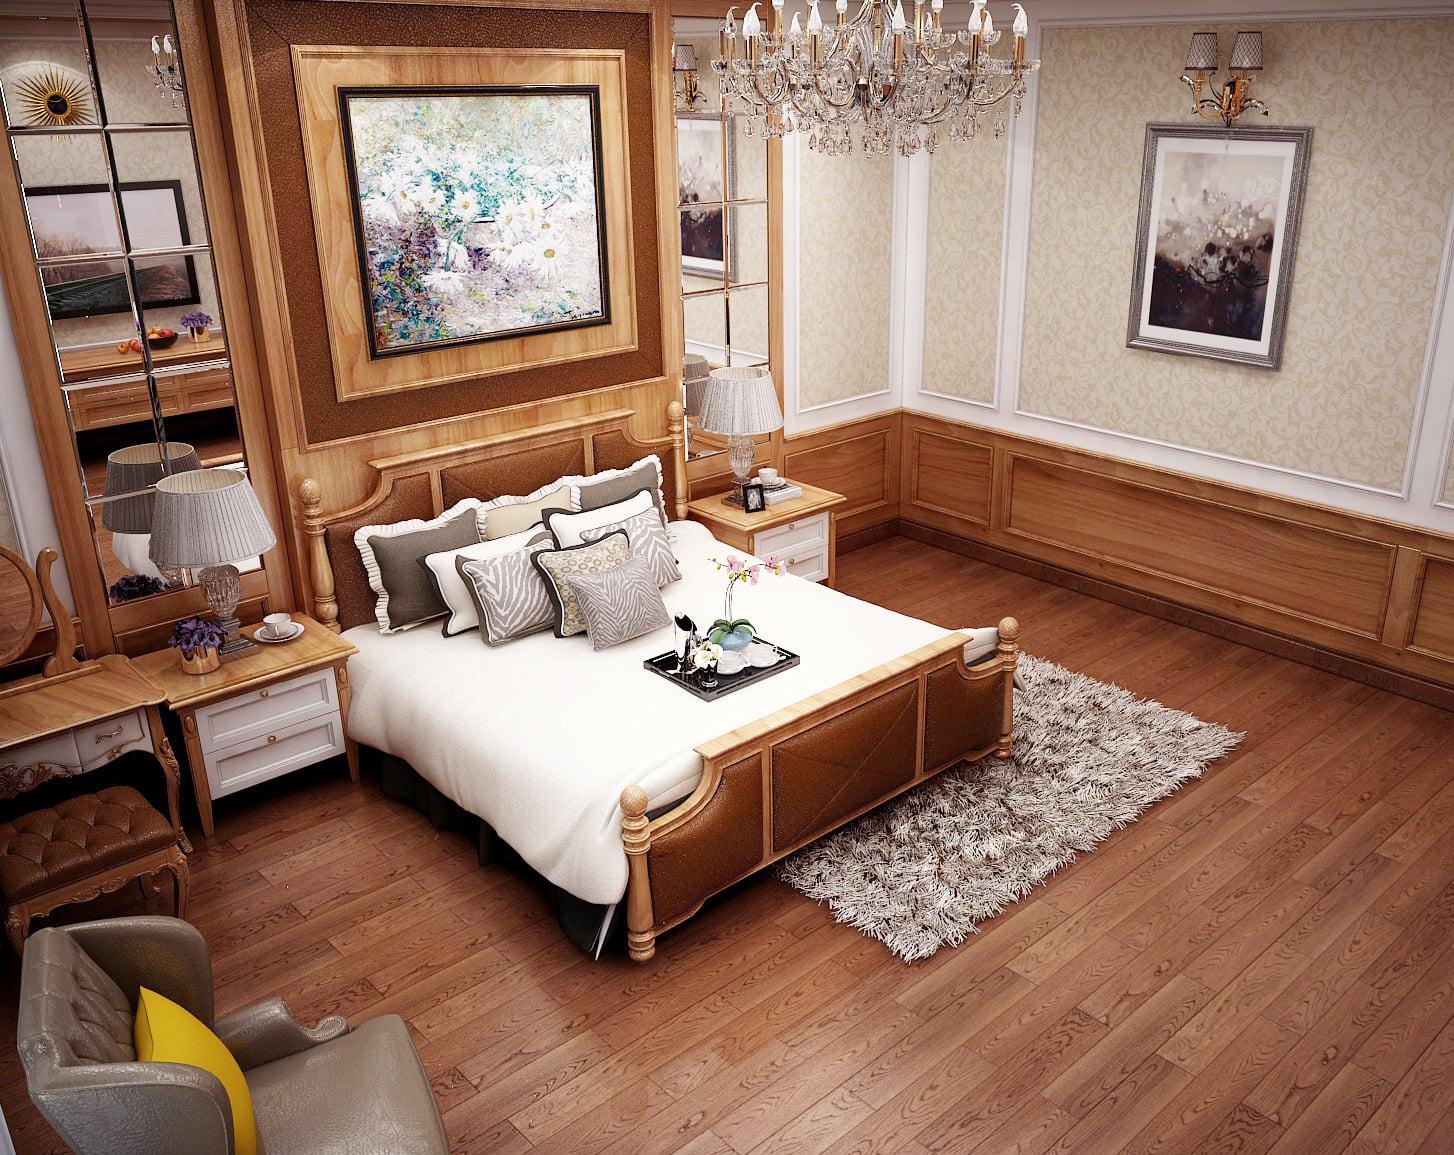 Mẫu thiết kế nội thất chung cư 65m2 phong cách tân cổ điển